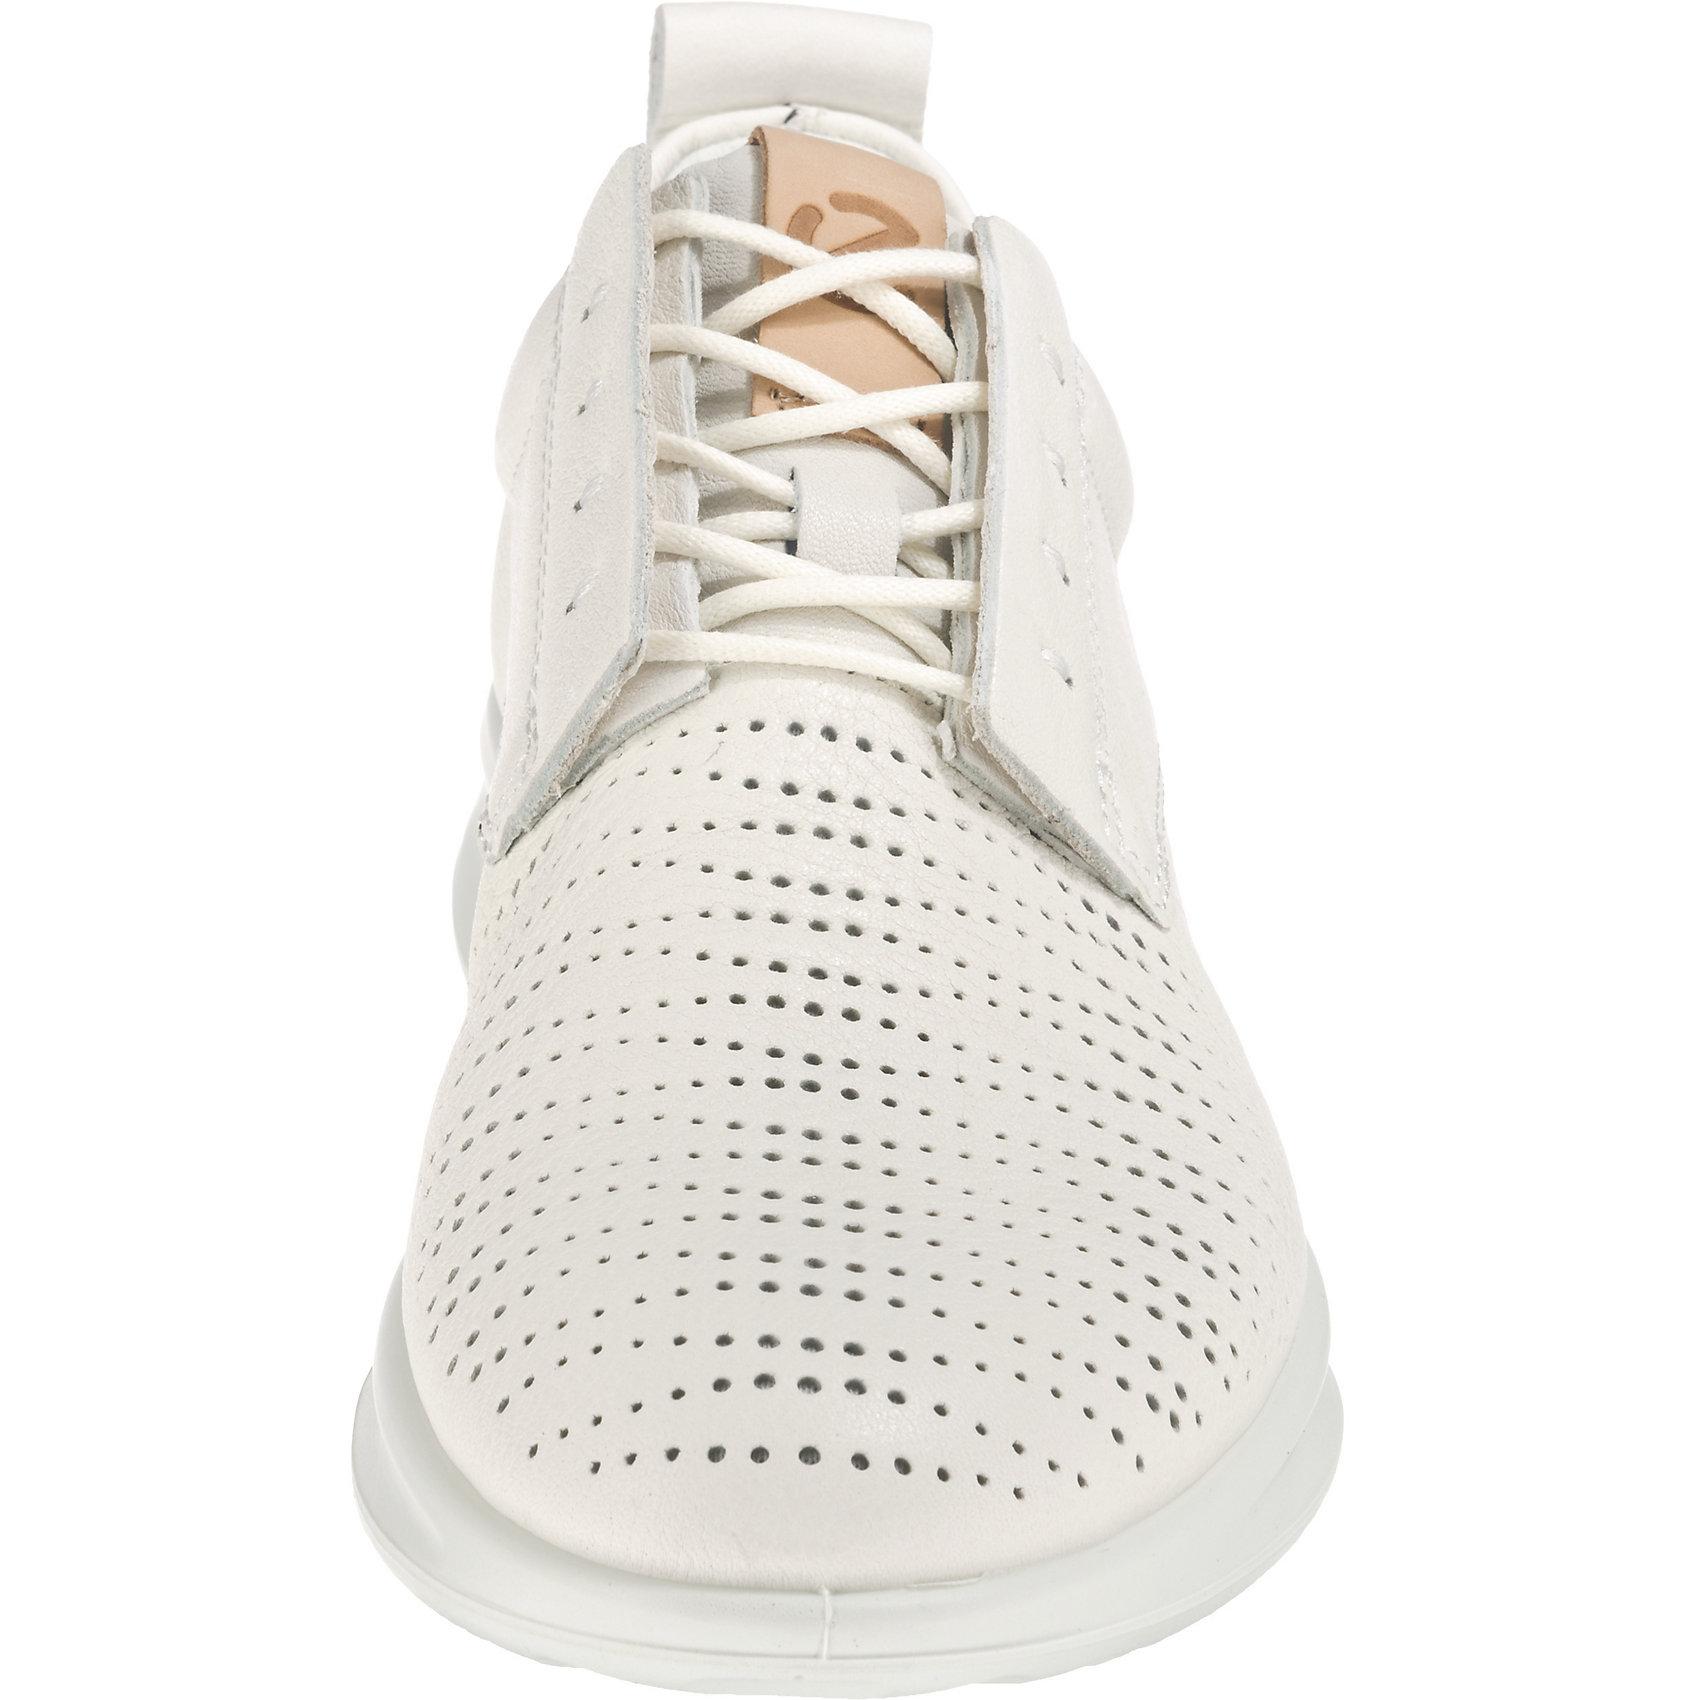 Neu ecco Bquet Ladies White Trento Sneakers Low 7406811 für Damen weiß